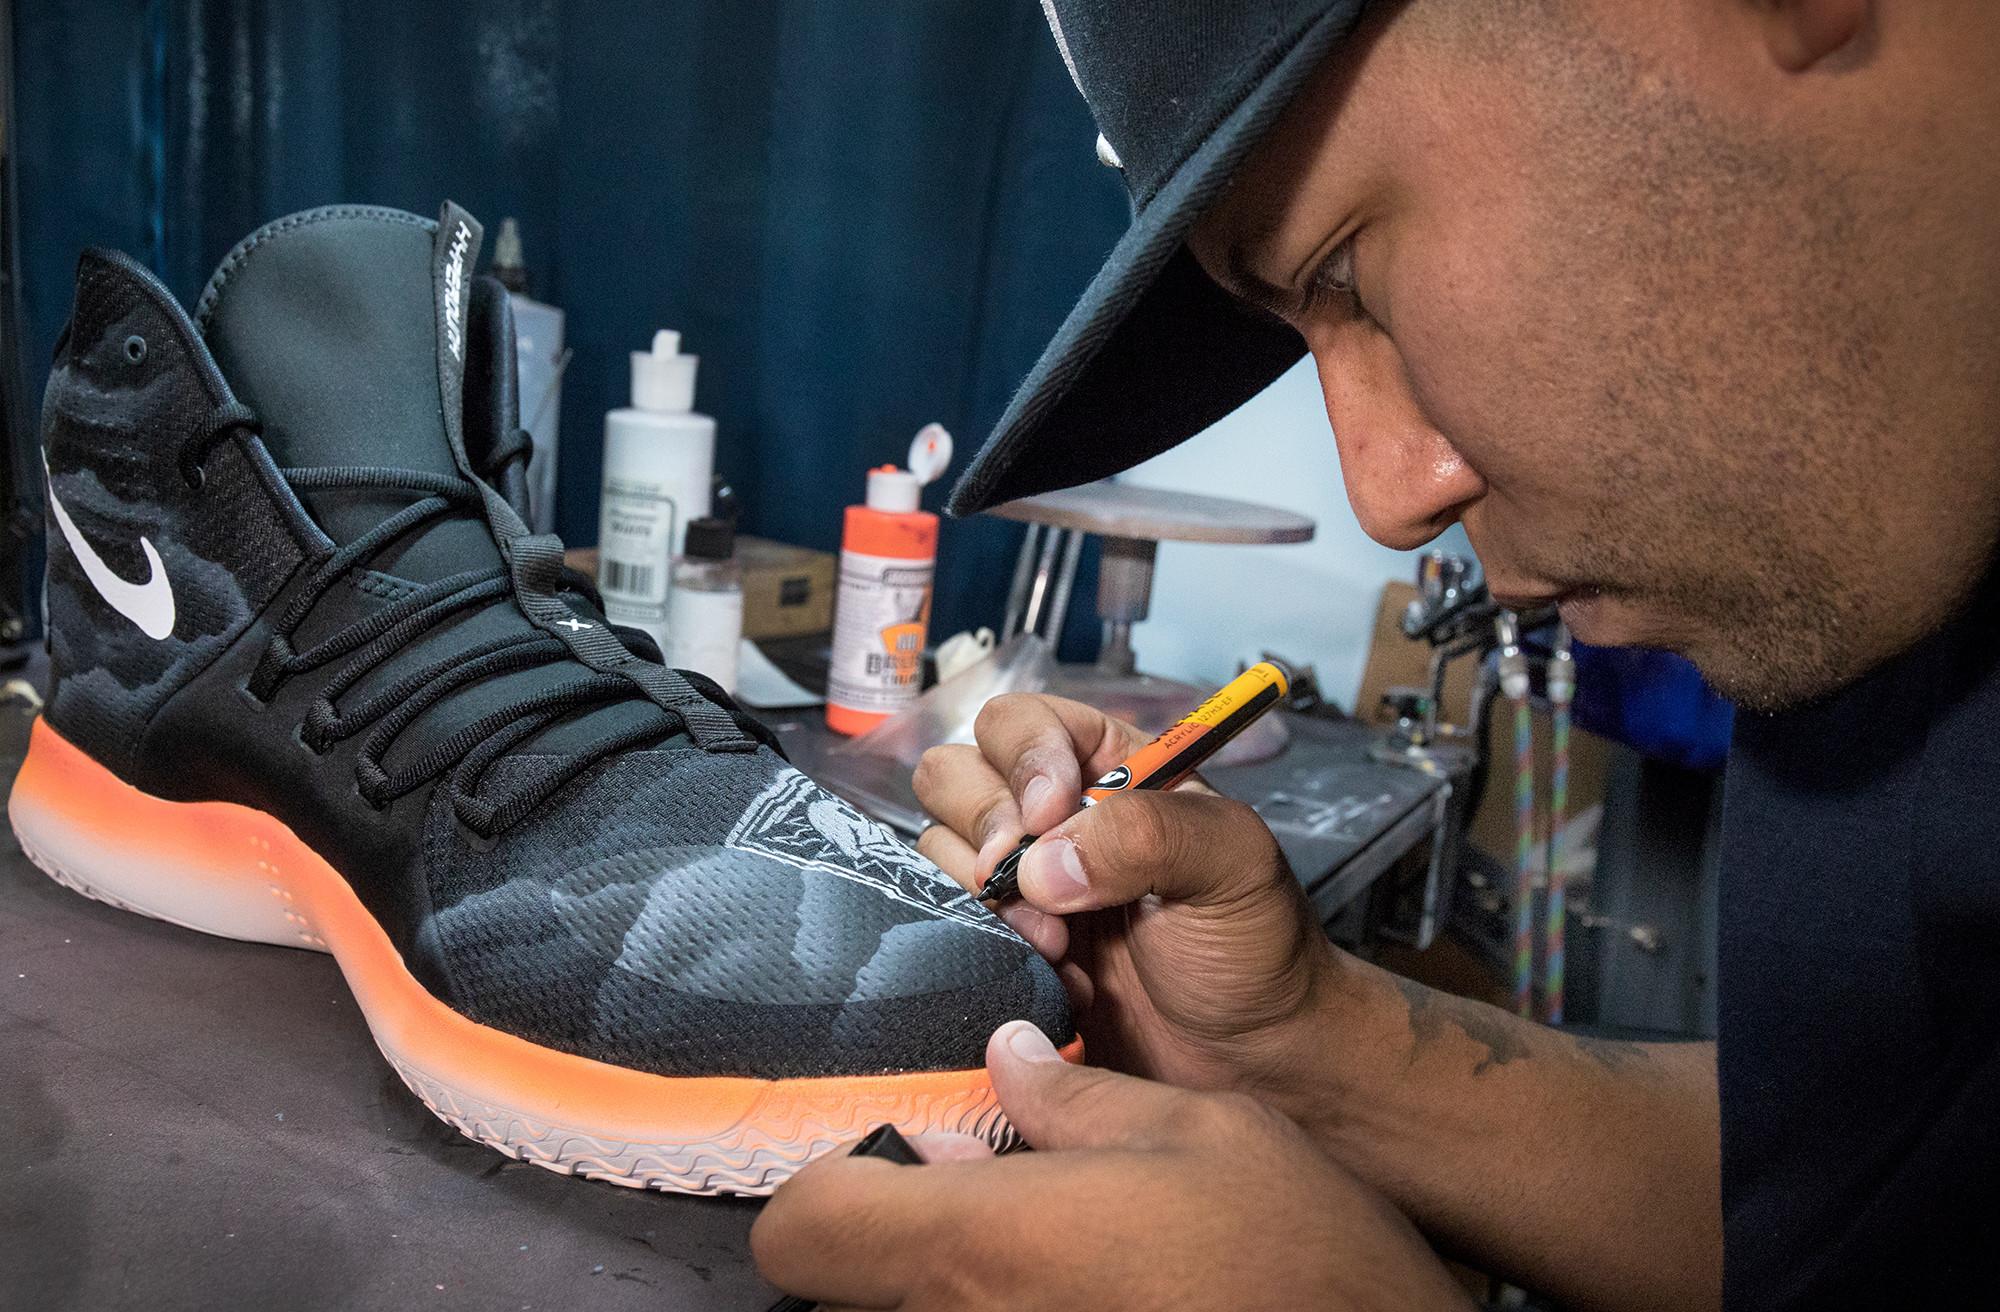 Artist Salvador Amezcua